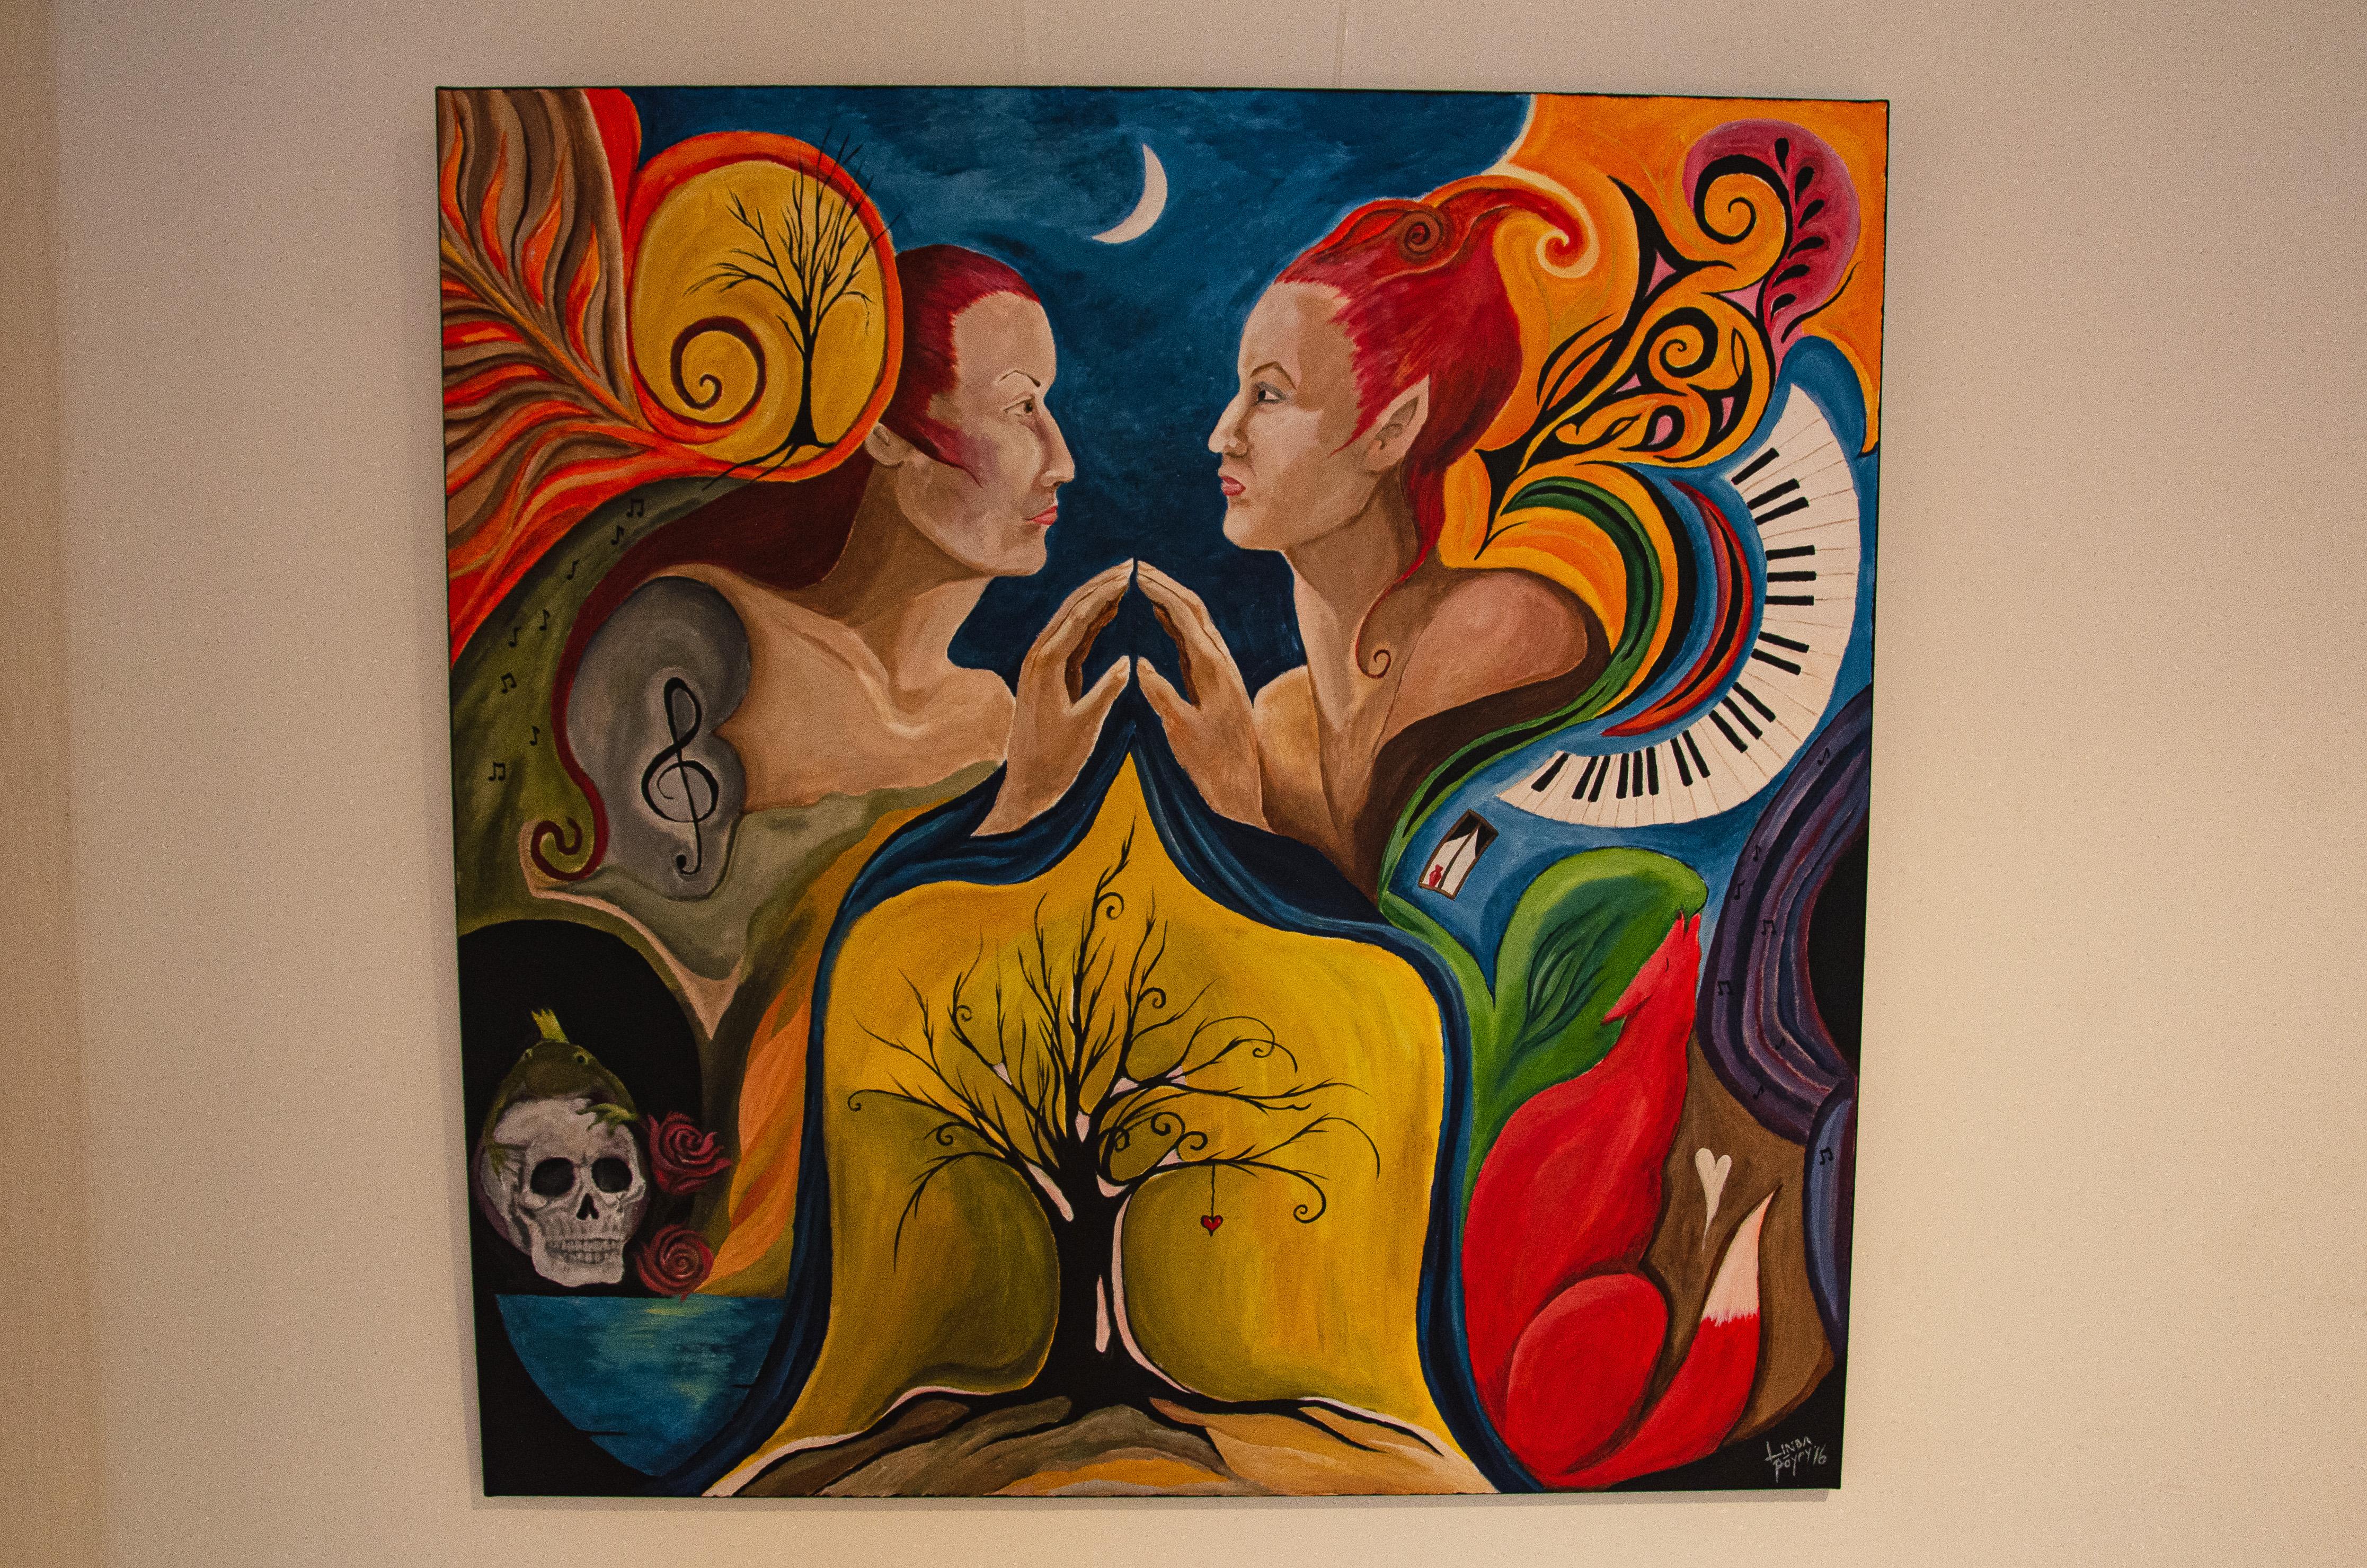 Kaksi henkilöä katsoo toisiaan. Ympärillä on värikkäästi erilaisia objekteja, kuten pianon koskettimet, kallo, kettu, kuu ja nuotti. Kuvan alapuolella on vanha lehdetön puu